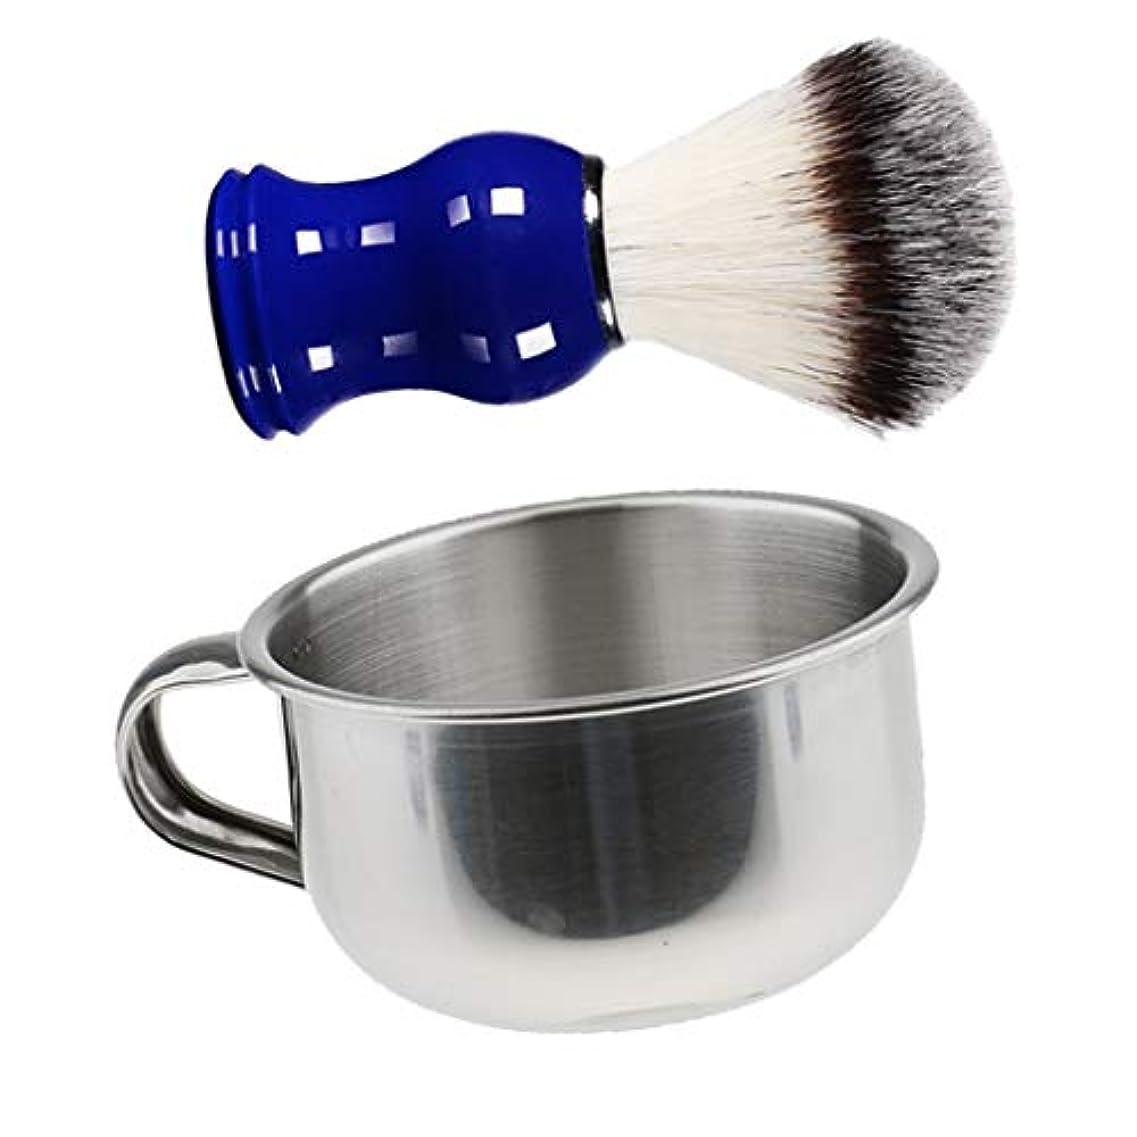 絞る積分従事するシェービングブラシセット ステンレス製シェービングボウル メンズ 理容 洗顔 髭剃り 泡立ち 実用的